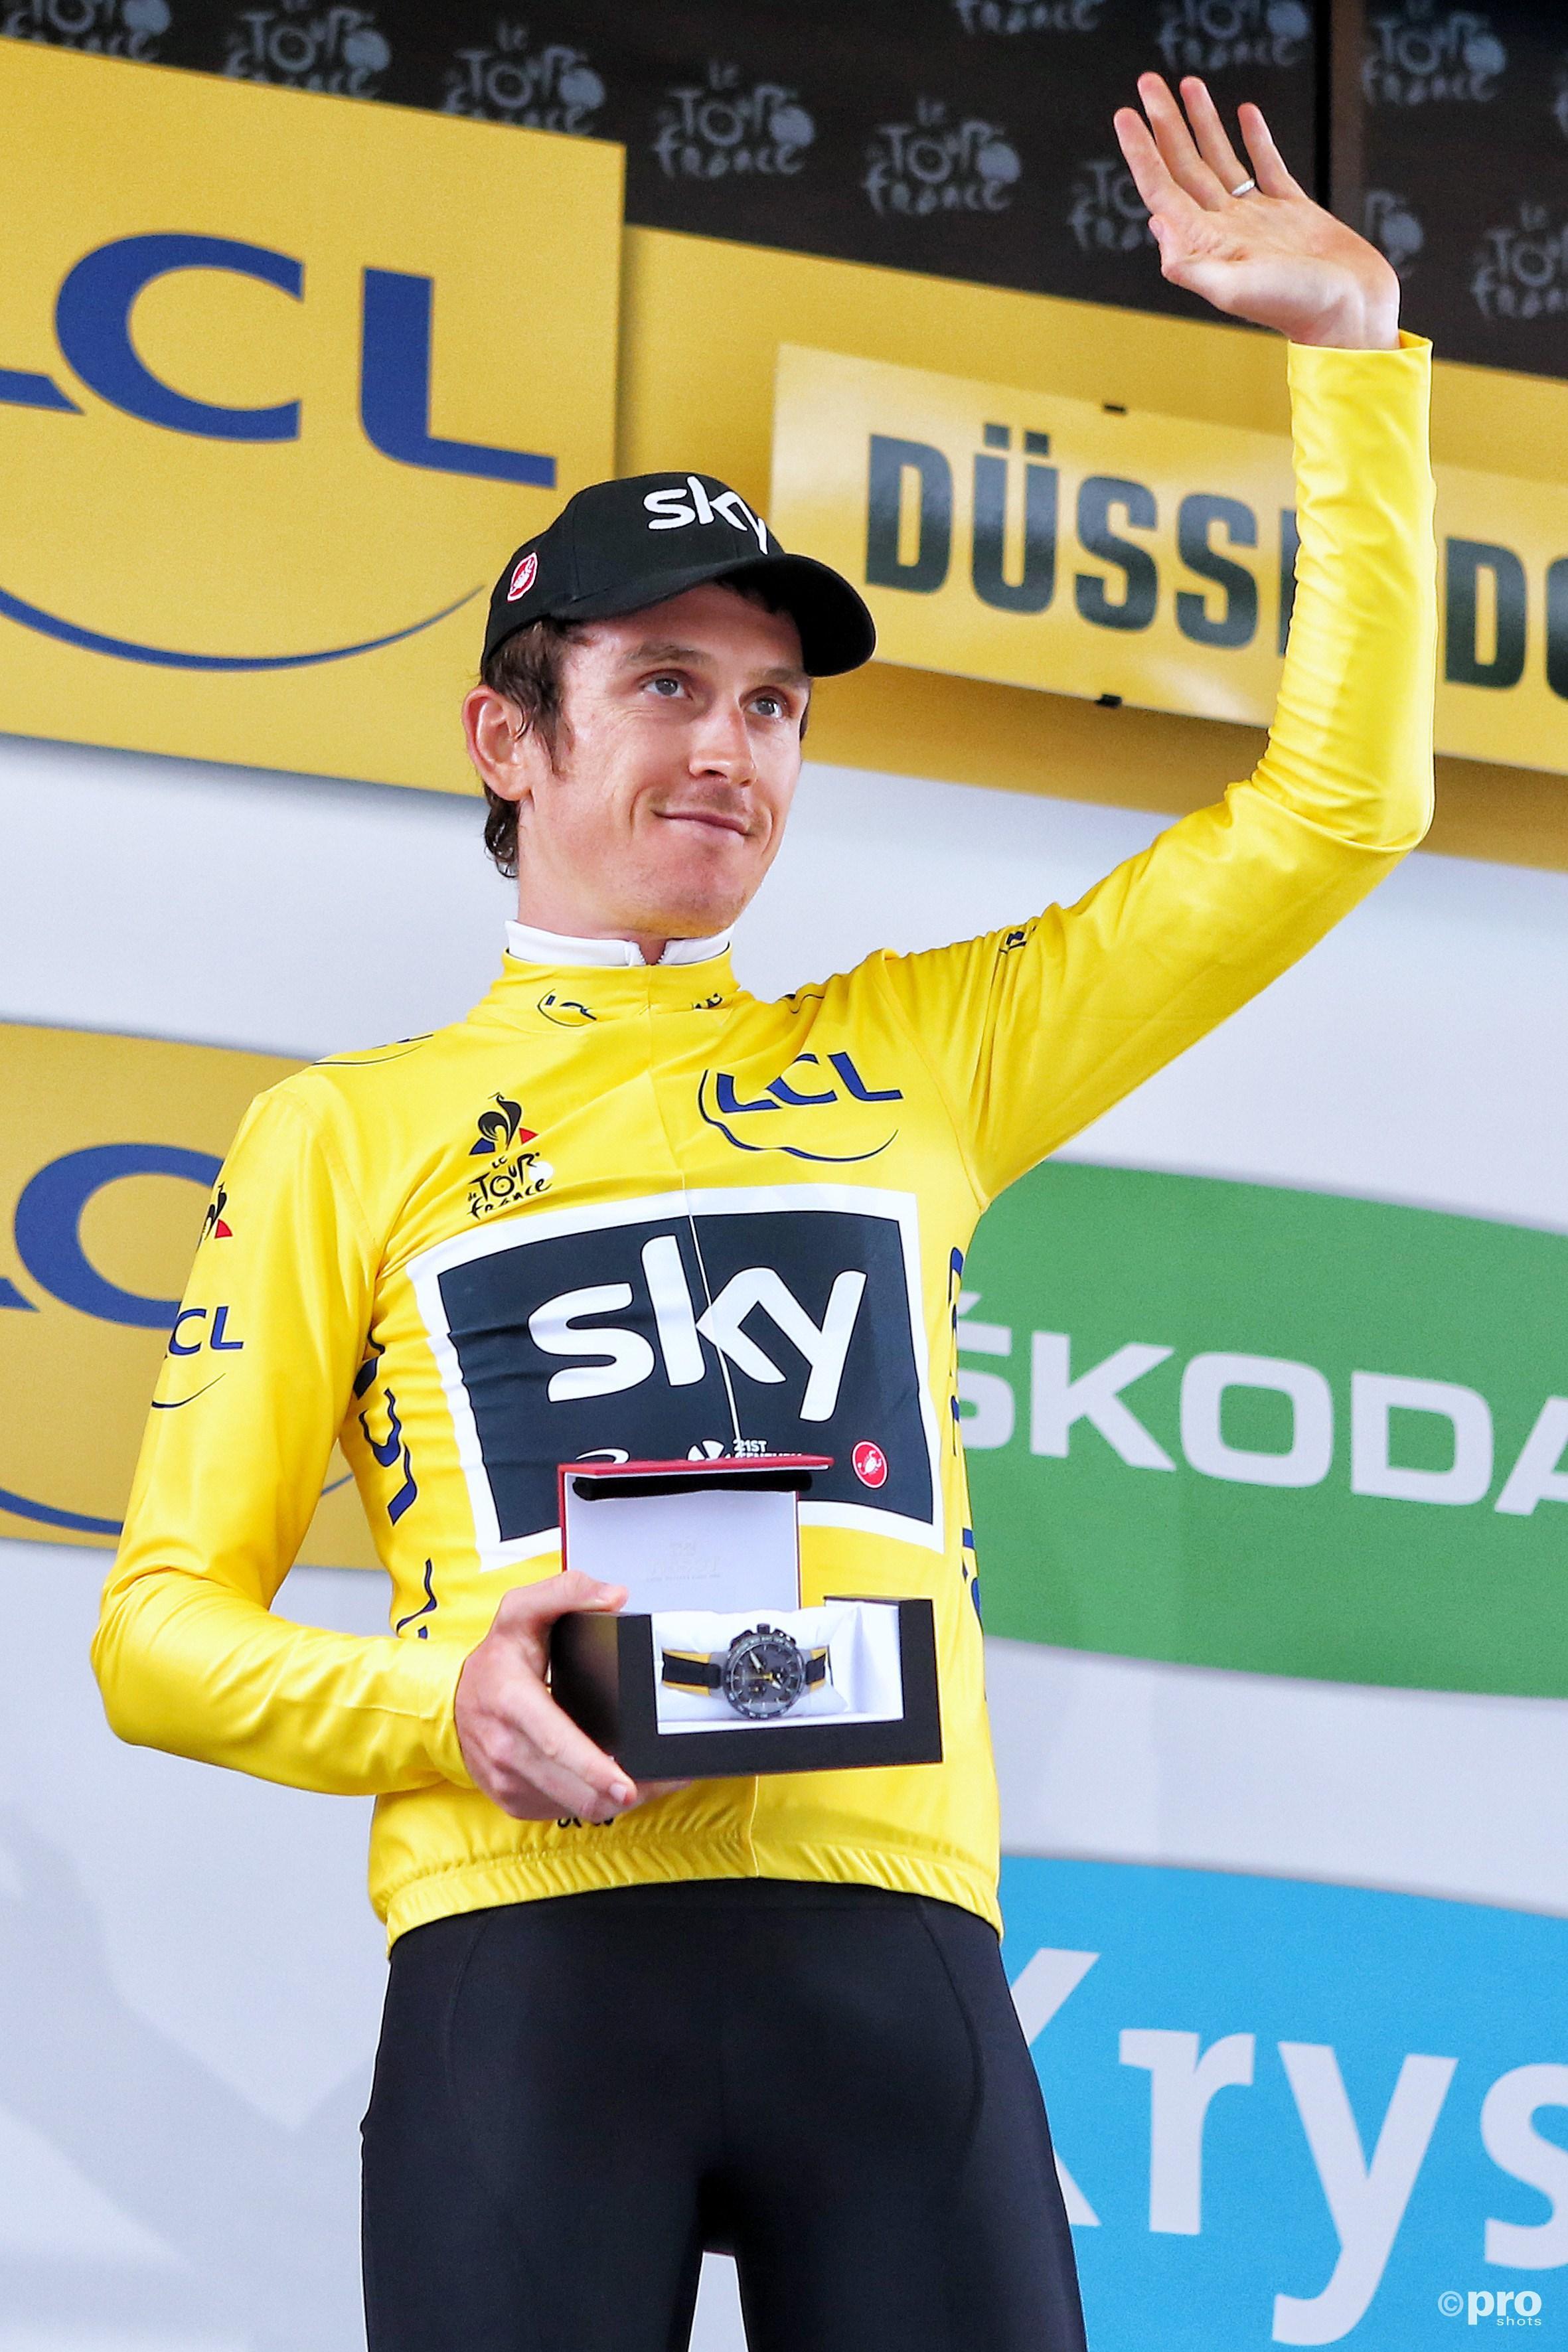 Thomas is de eerste leider in deze Tour. (PRO SHOTS/Henk Korzelius)